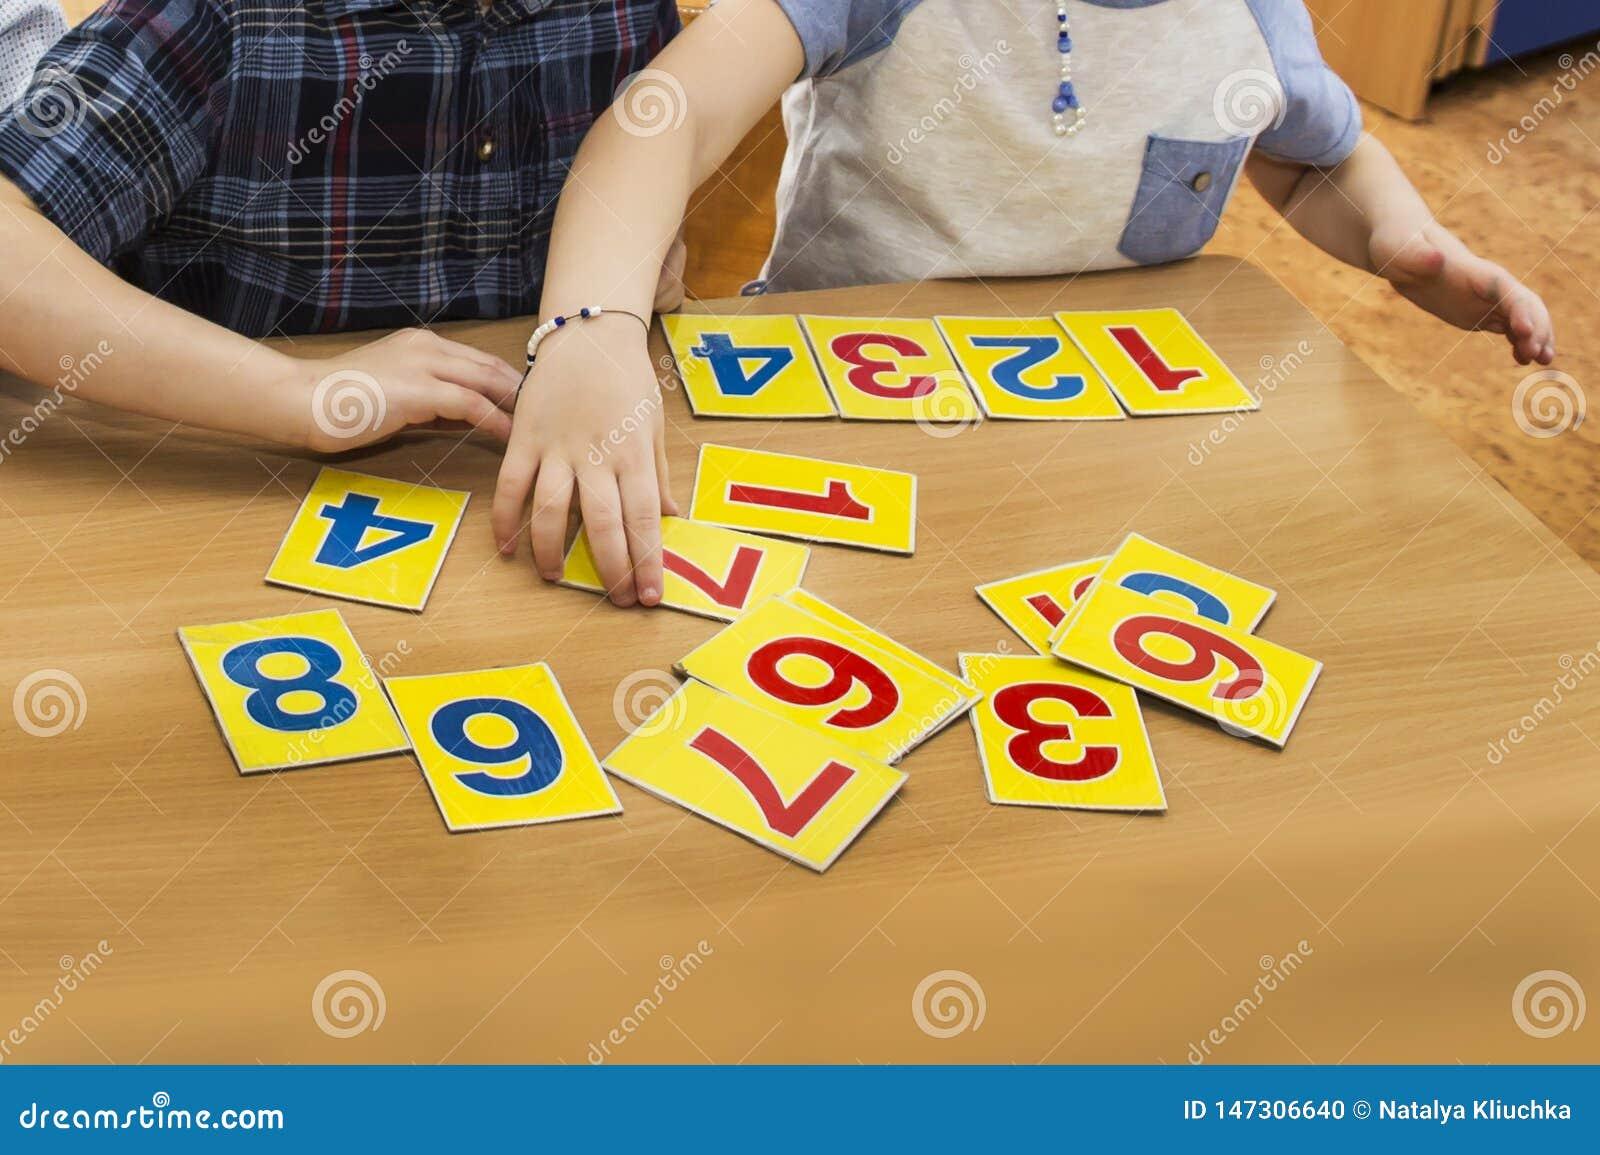 Los ni?os est?n jugando Juegos educativos Un ni?o en guarder?a Las manos de un ni?o matem?ticas Tarjetas para el desarrollo